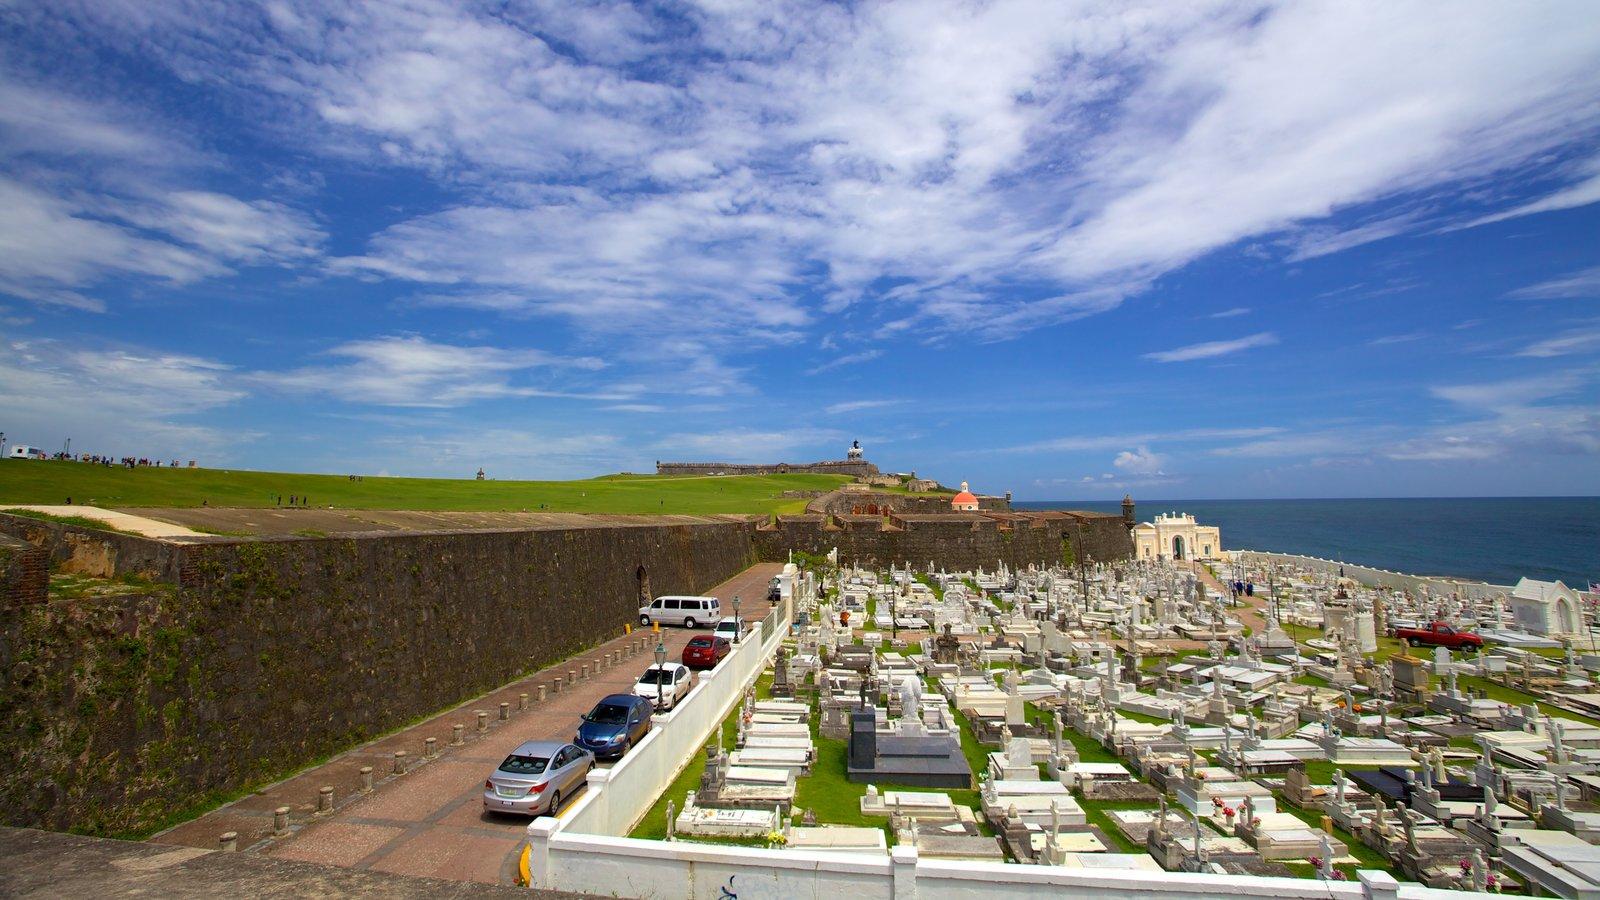 Castillo San Felipe del Morro mostrando paisagens litorâneas, elementos de patrimônio e um cemitério